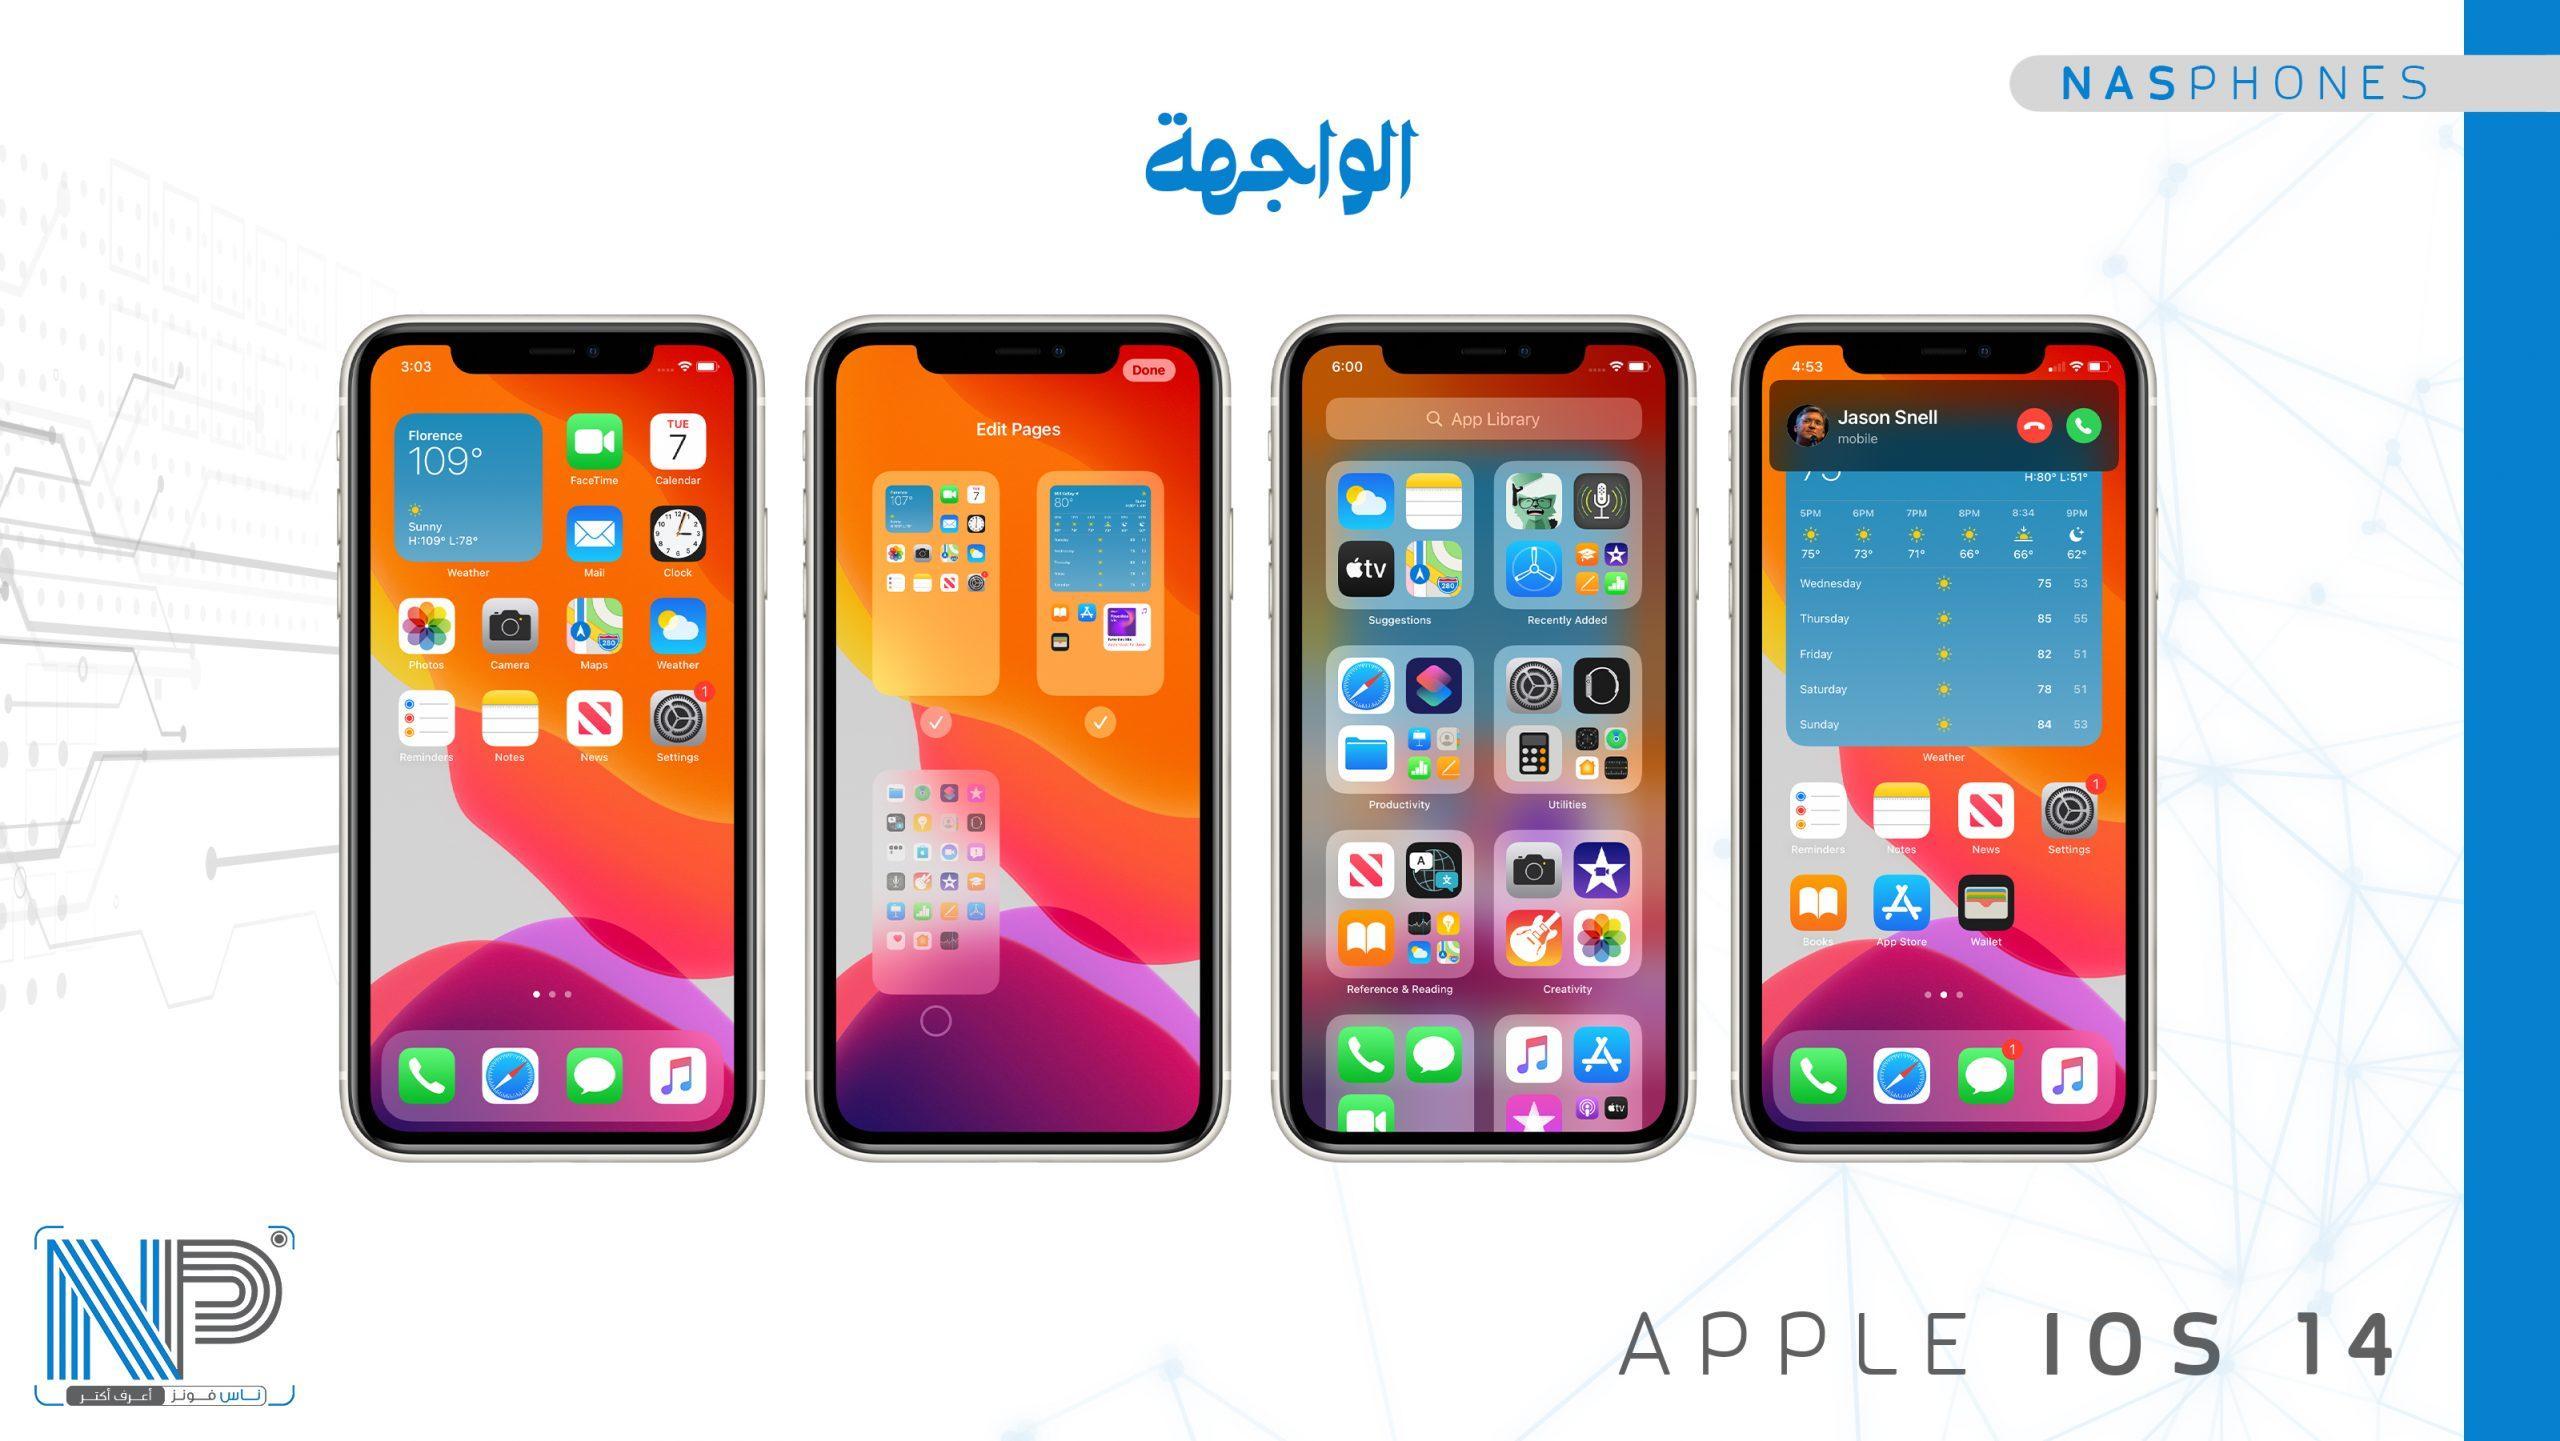 واجهة Apple iPhone IOS 14